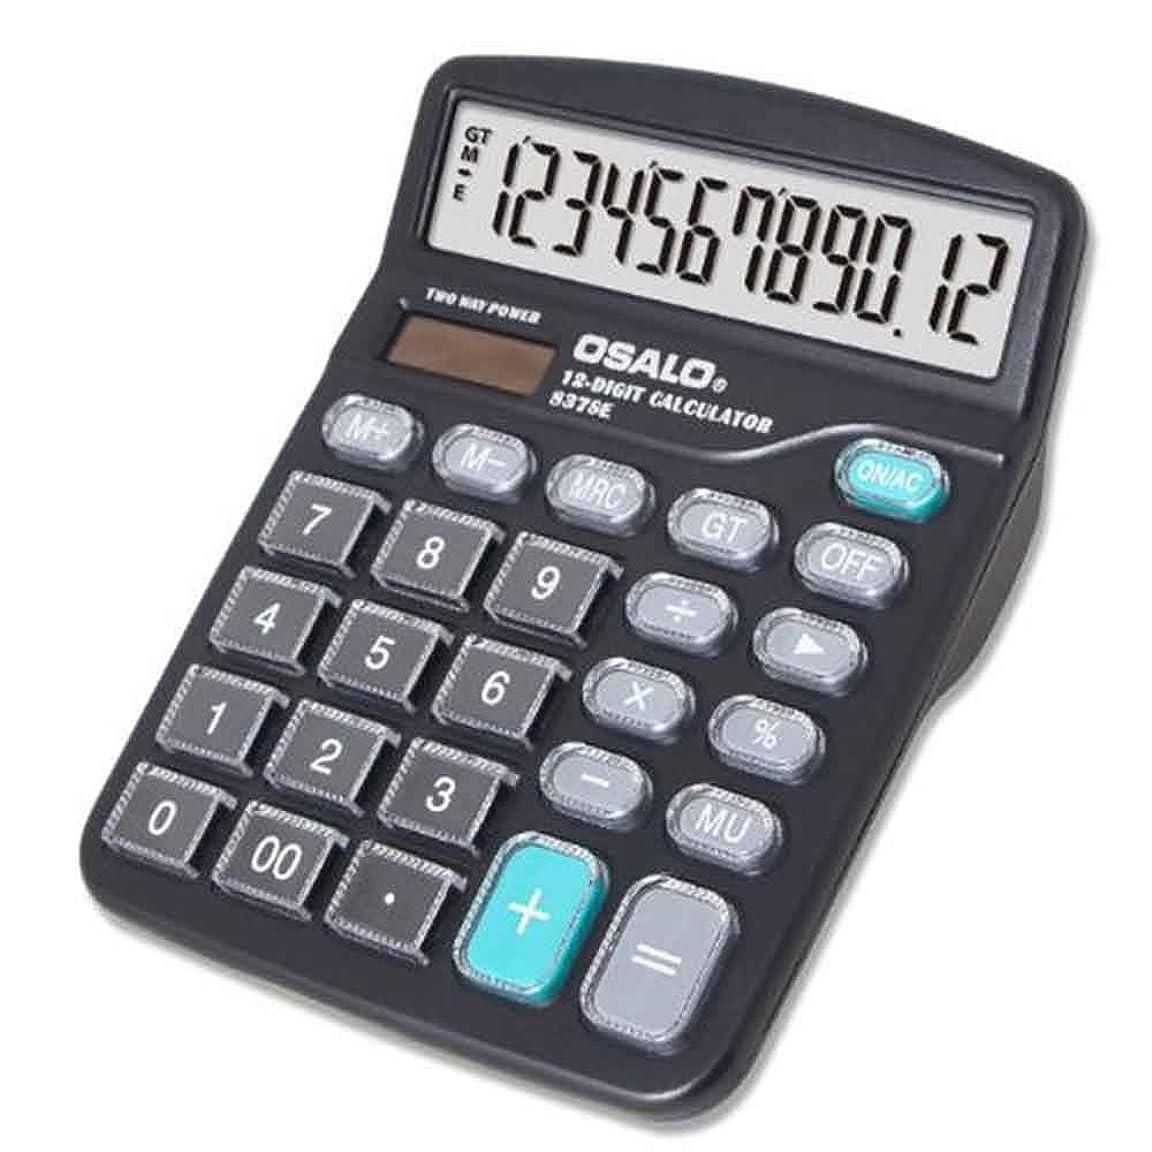 バスケットボール甘くする持っている標準機能電子デスクトップ電卓 大きなボタン12桁 大きなLCDディスプレイ デュアルパワーオフィス電卓